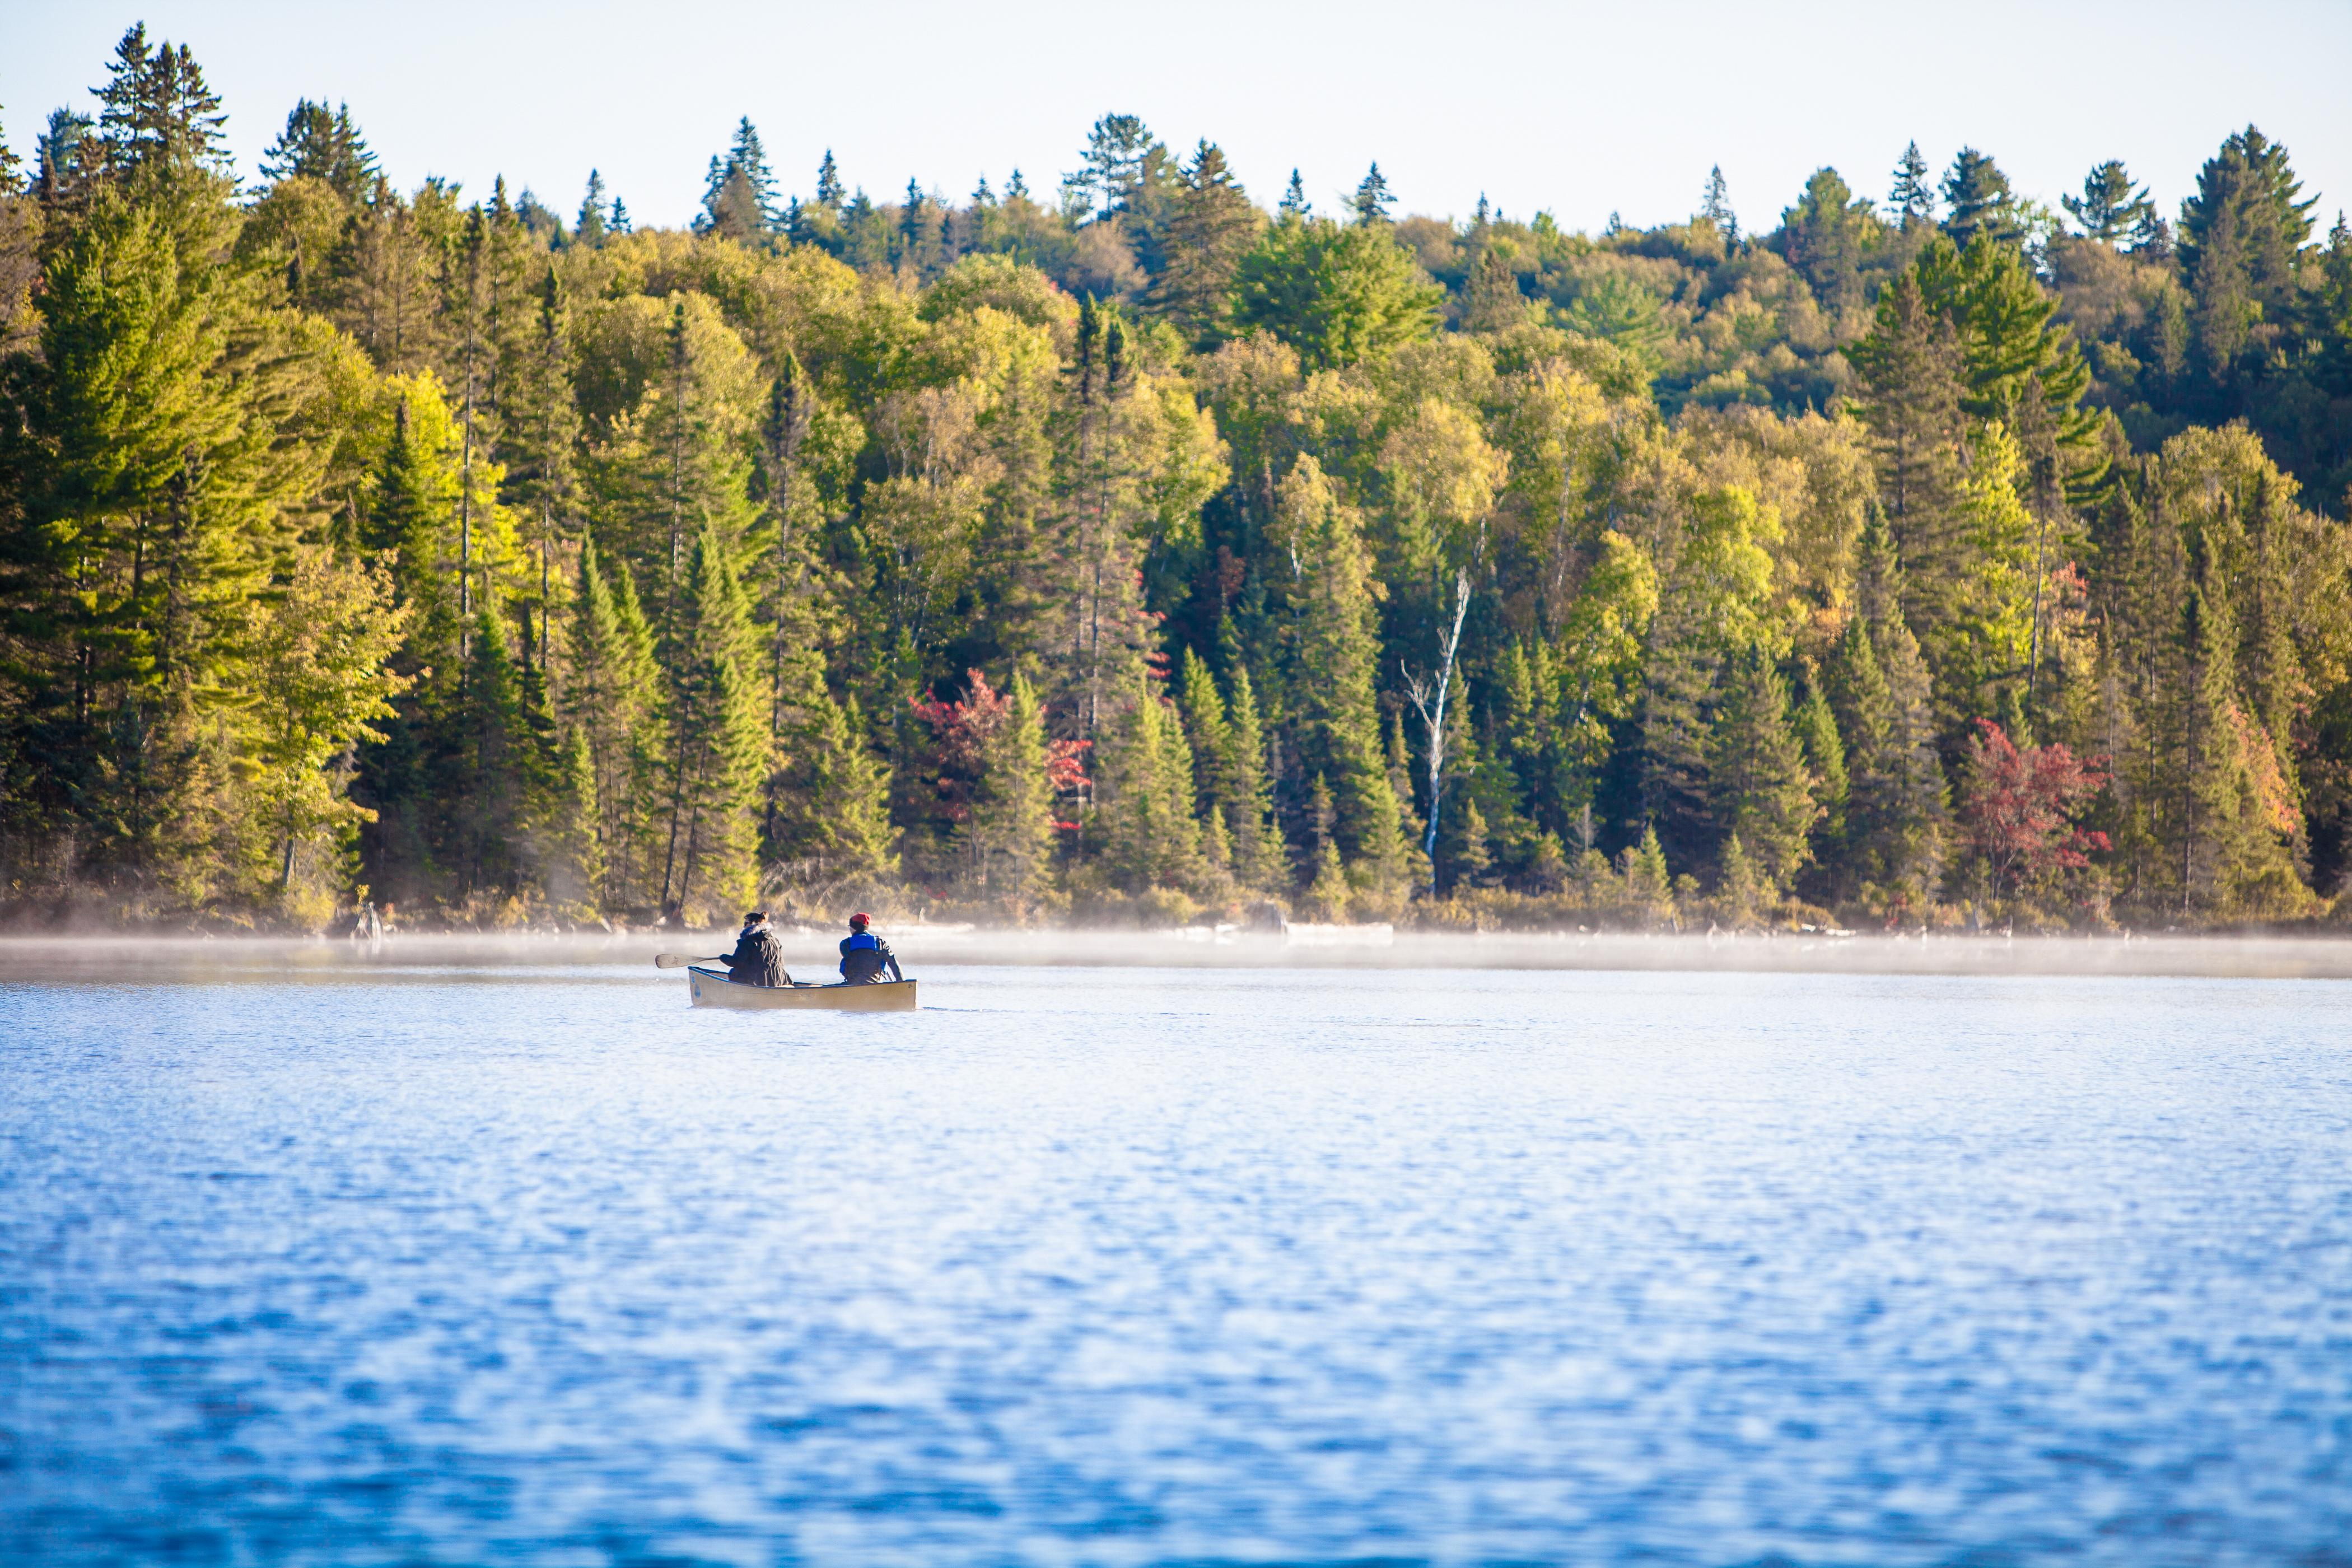 Canoeing on Lake Teepee